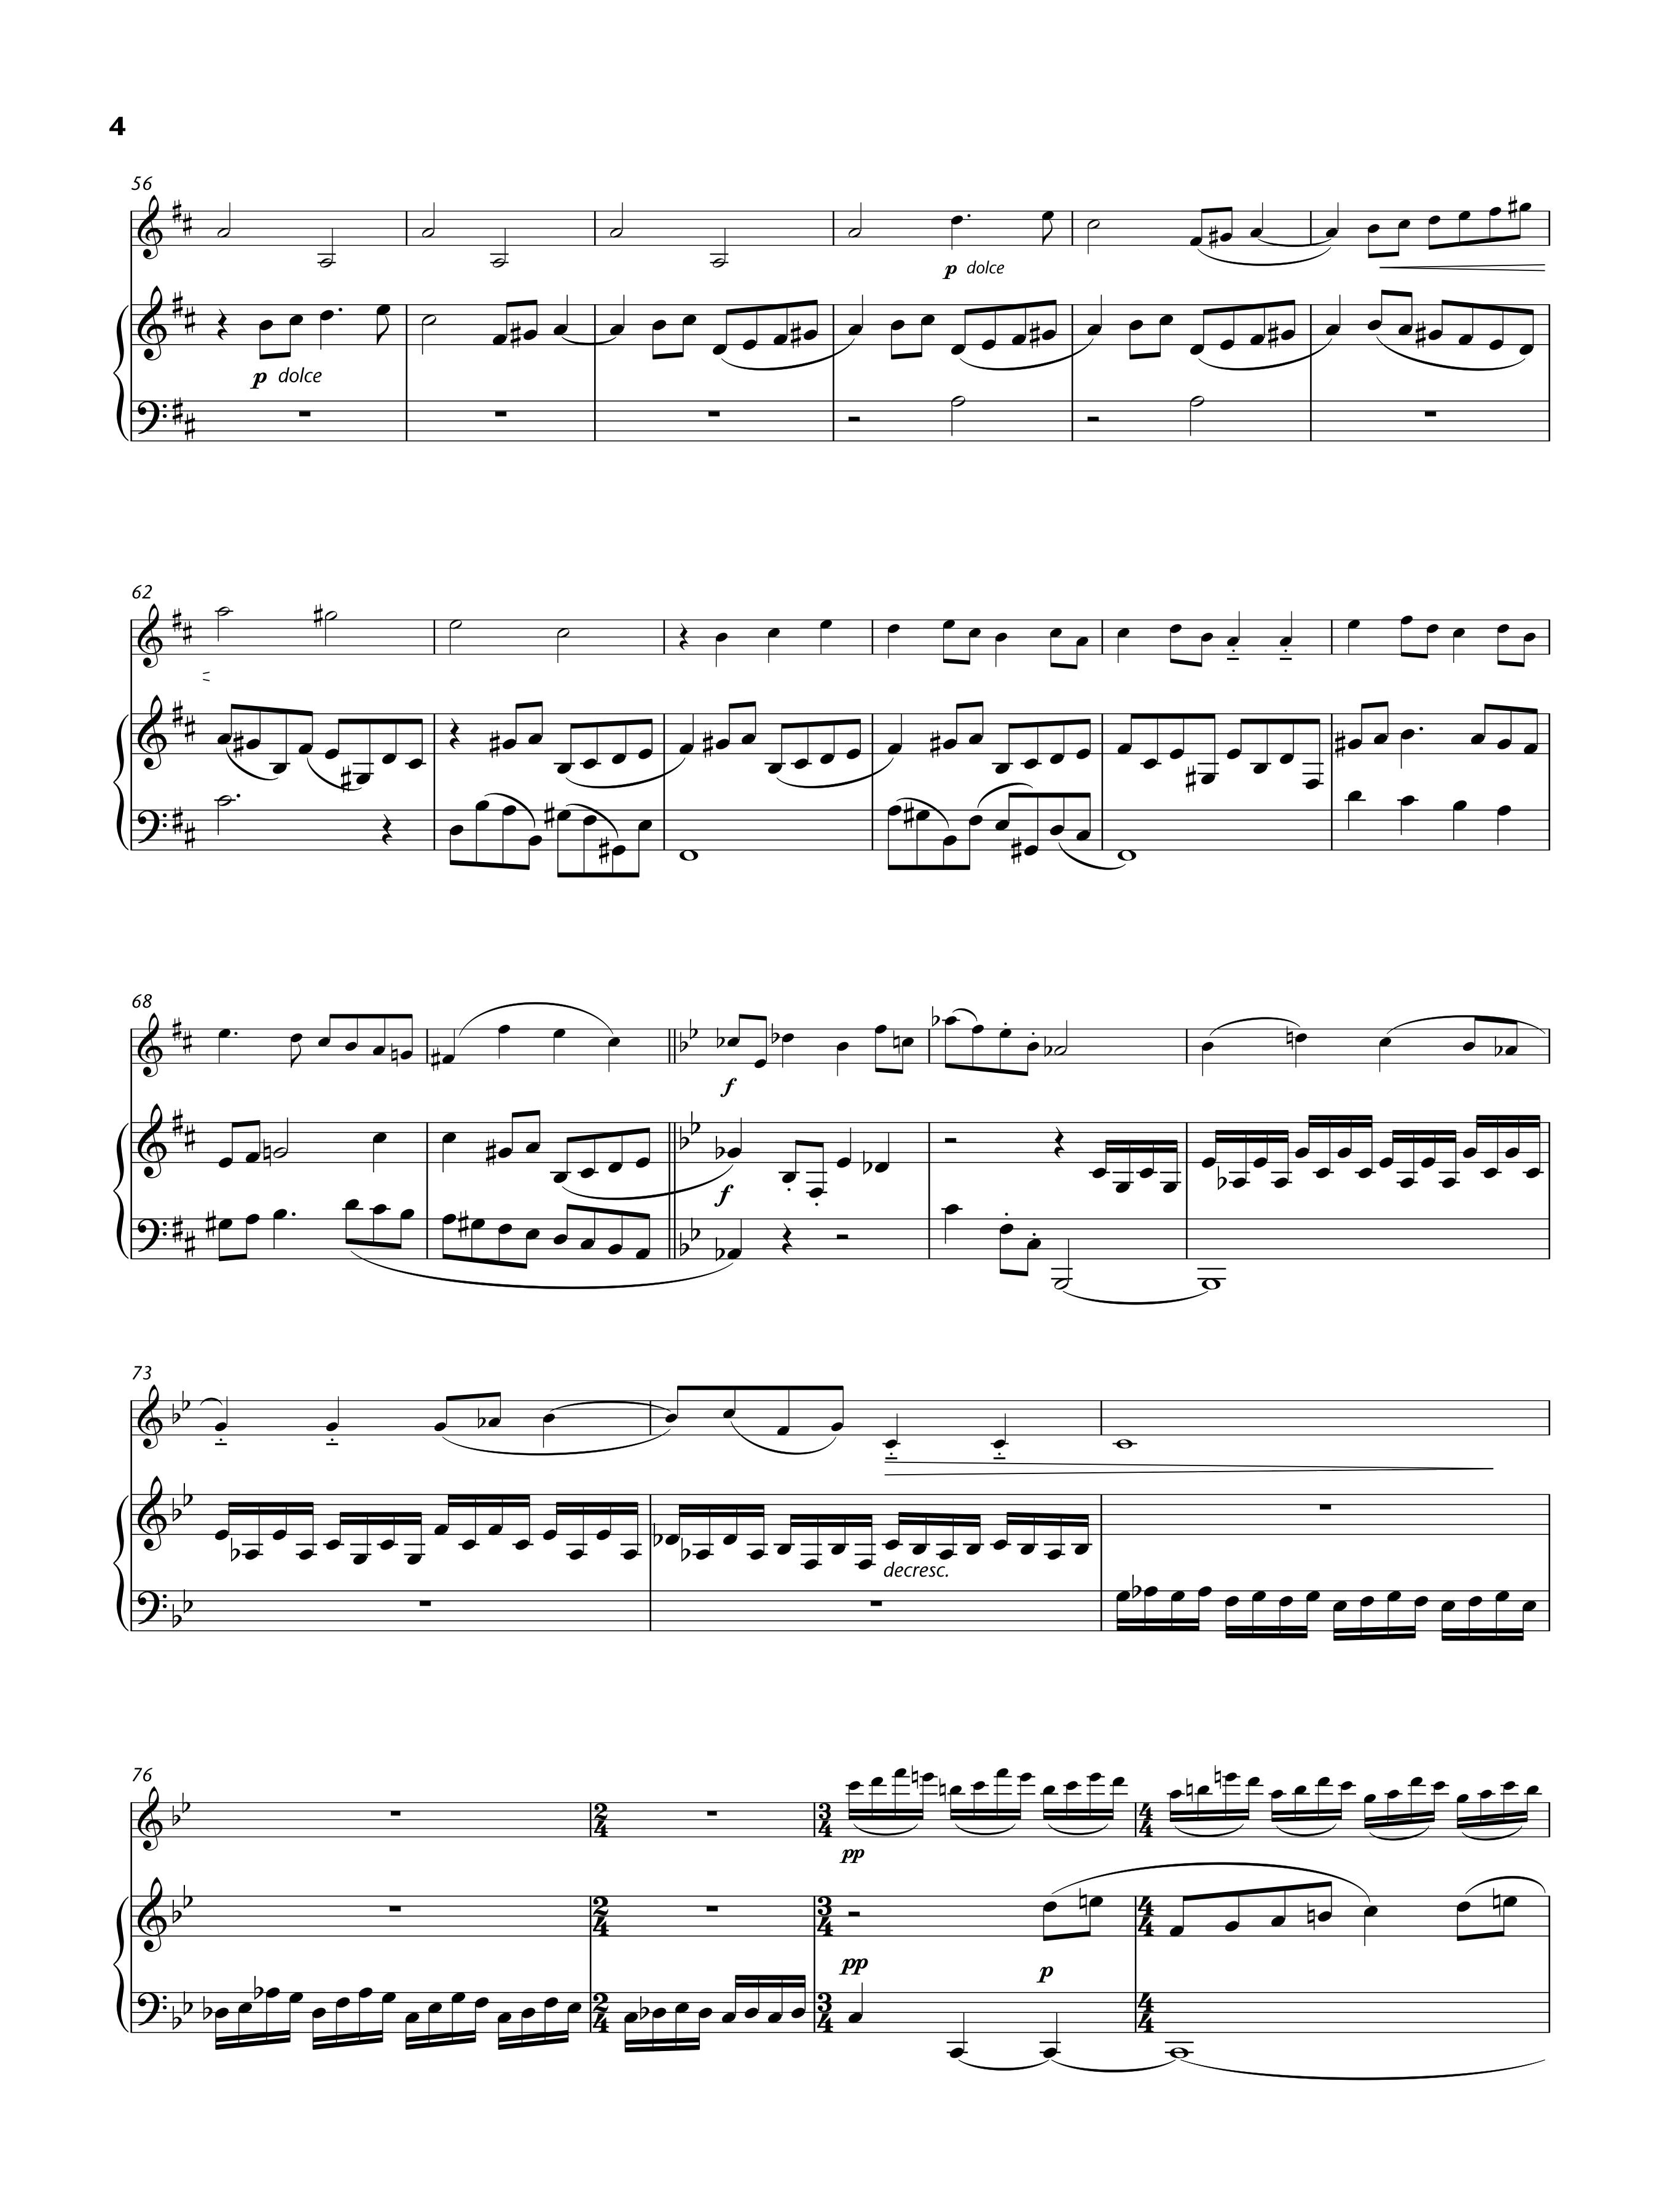 Violin Sonata, p. 3